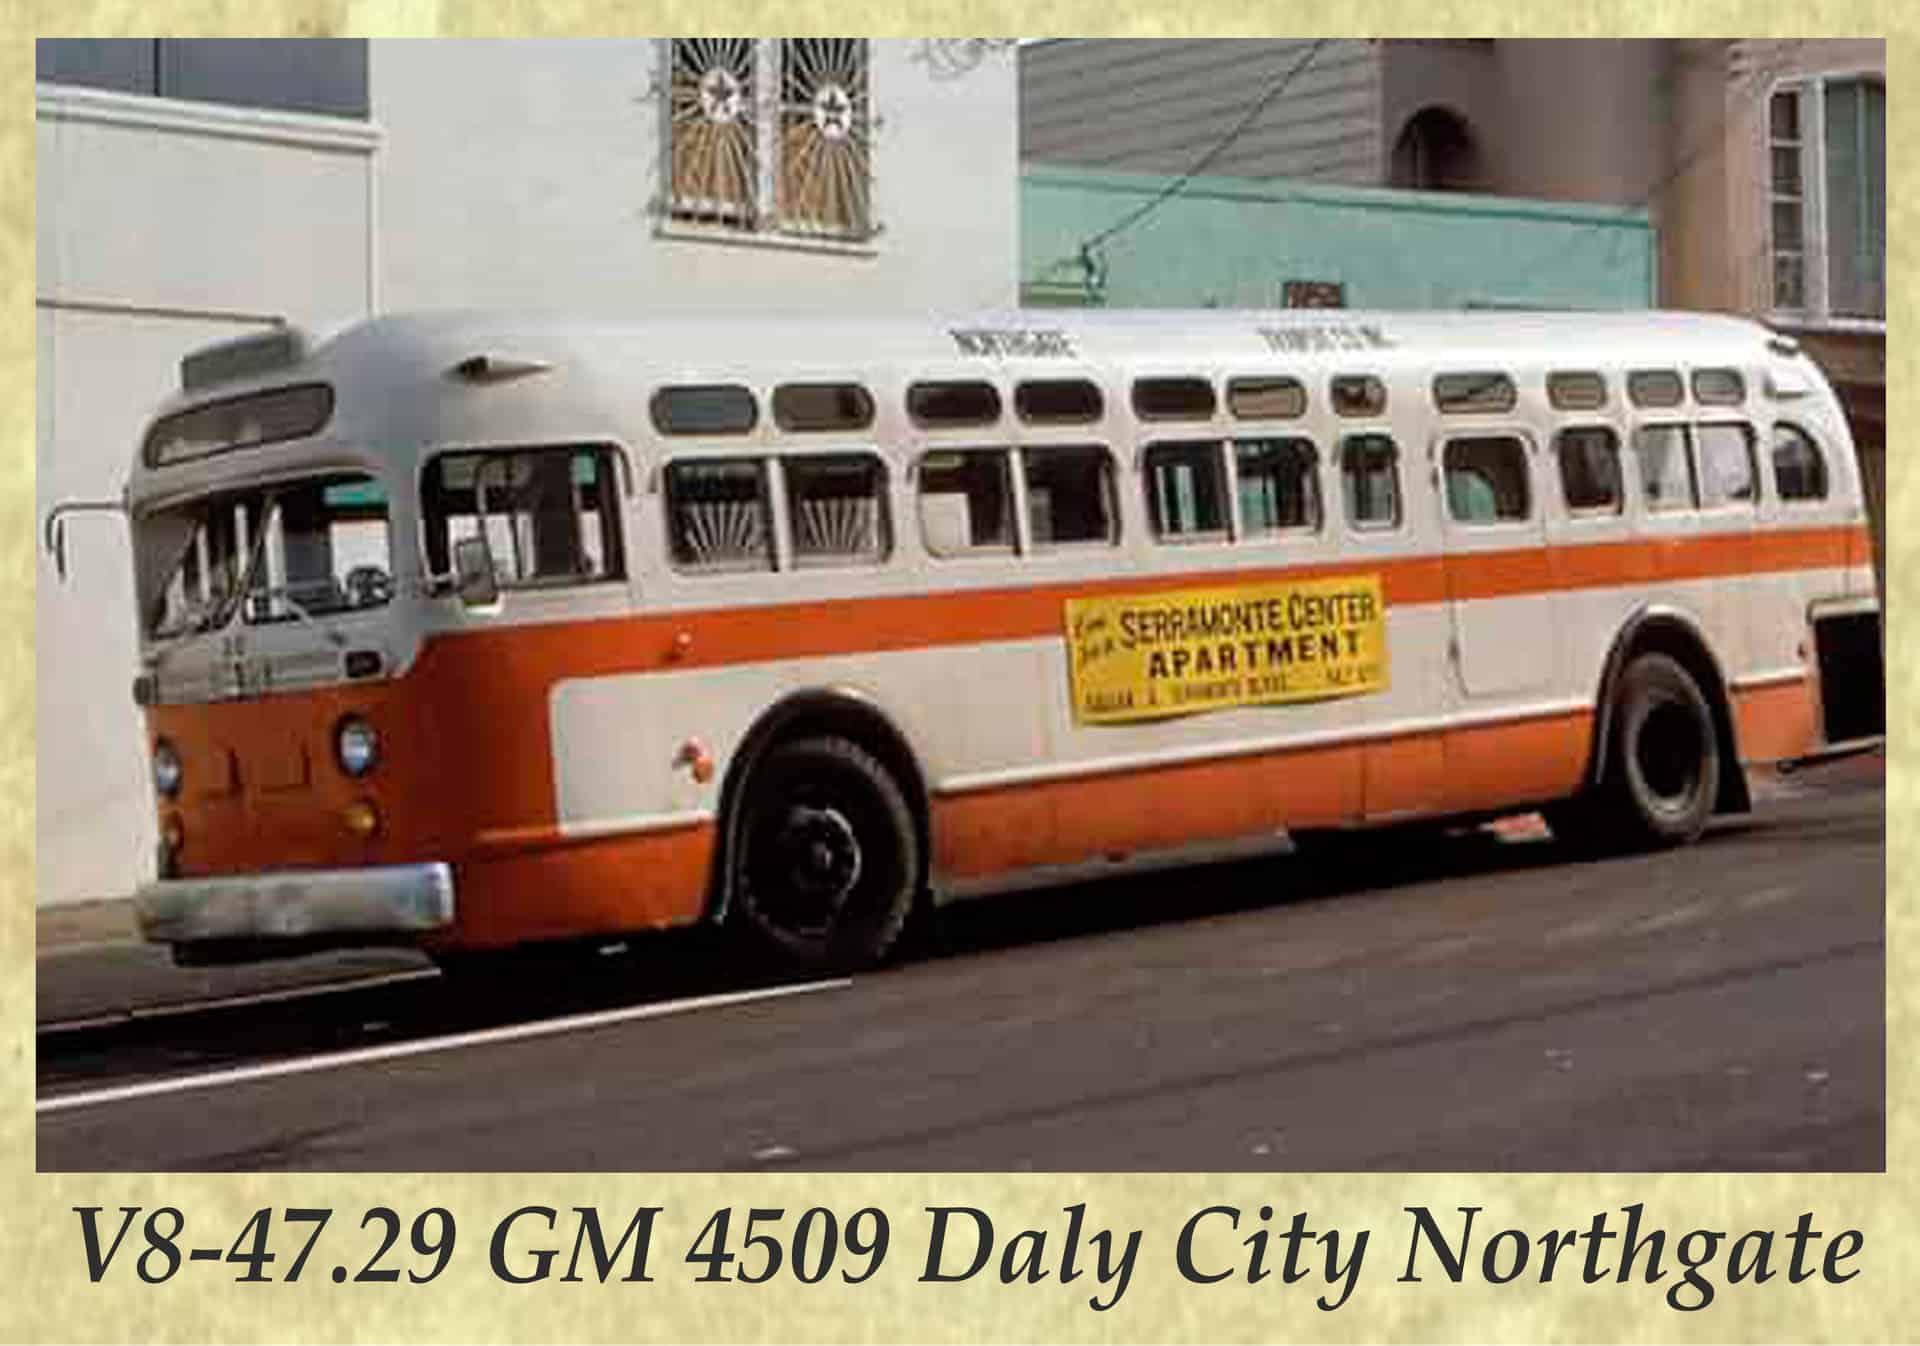 V8-47.29 GM 4509 Daly City Northgate